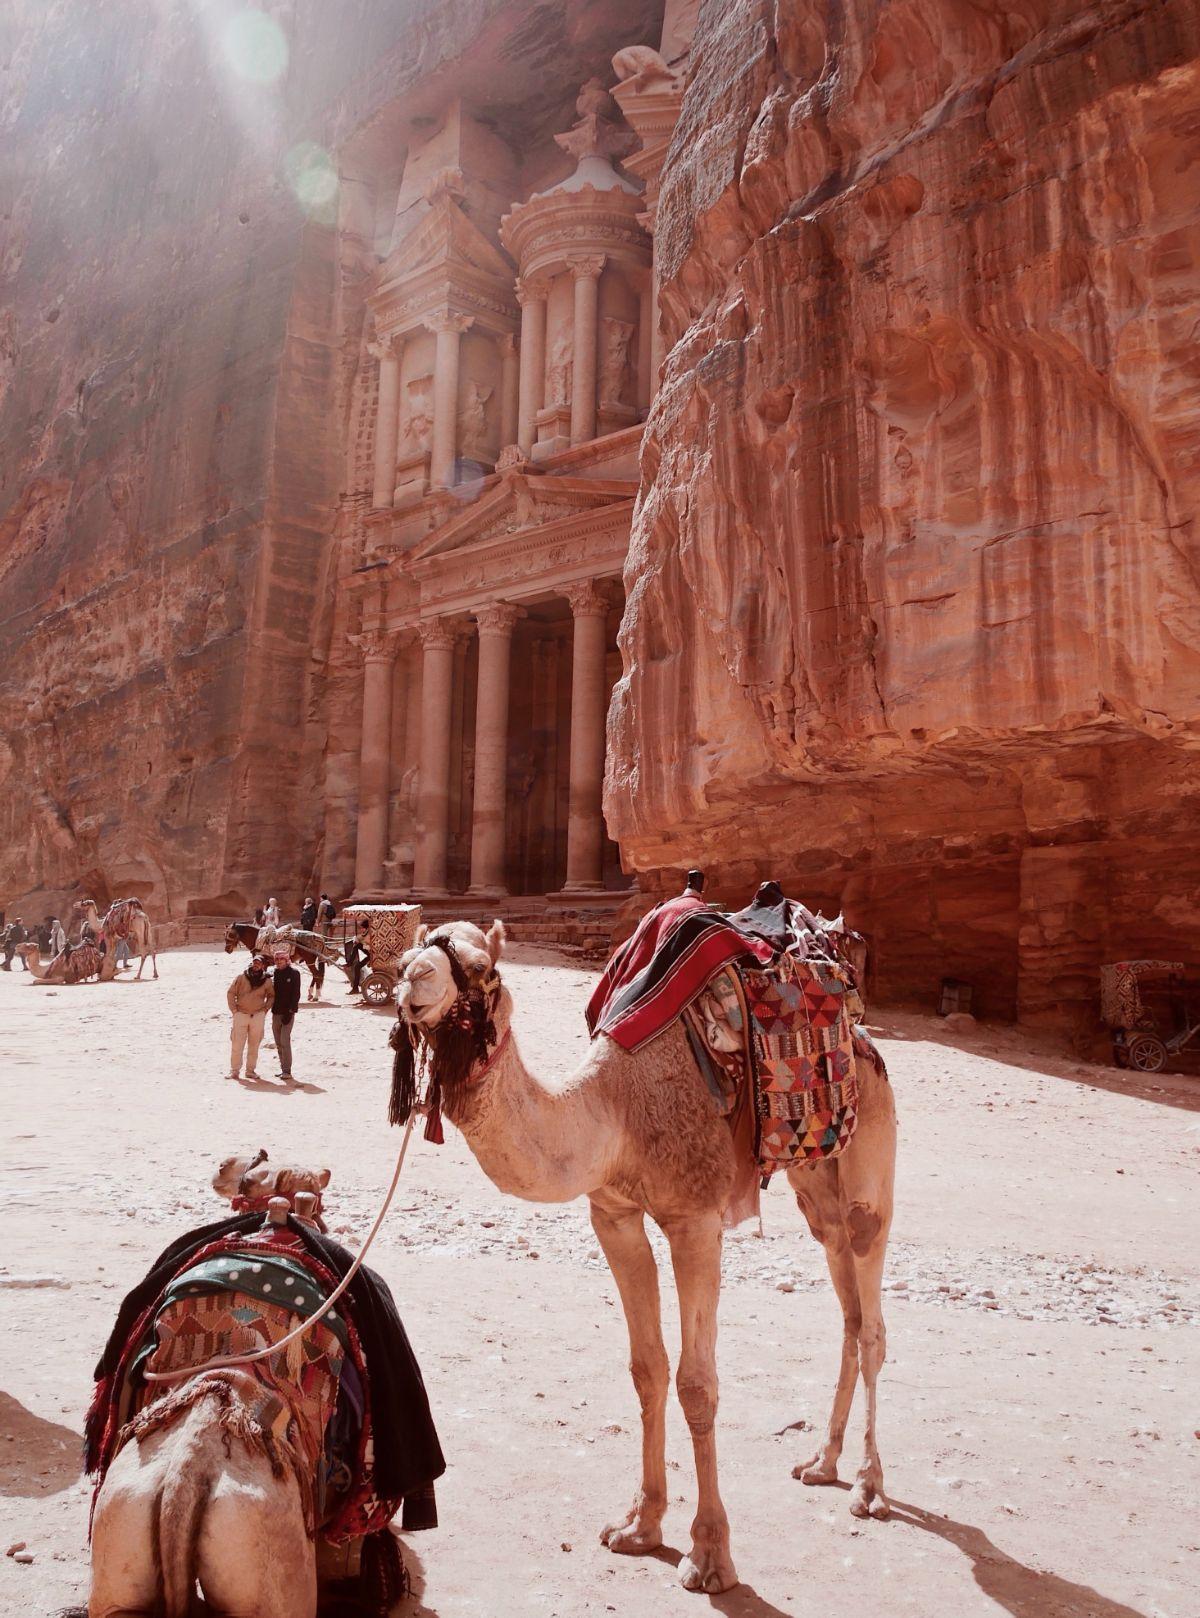 صور سفر، عجائب الدنيا السبع الجديدة، البتراء